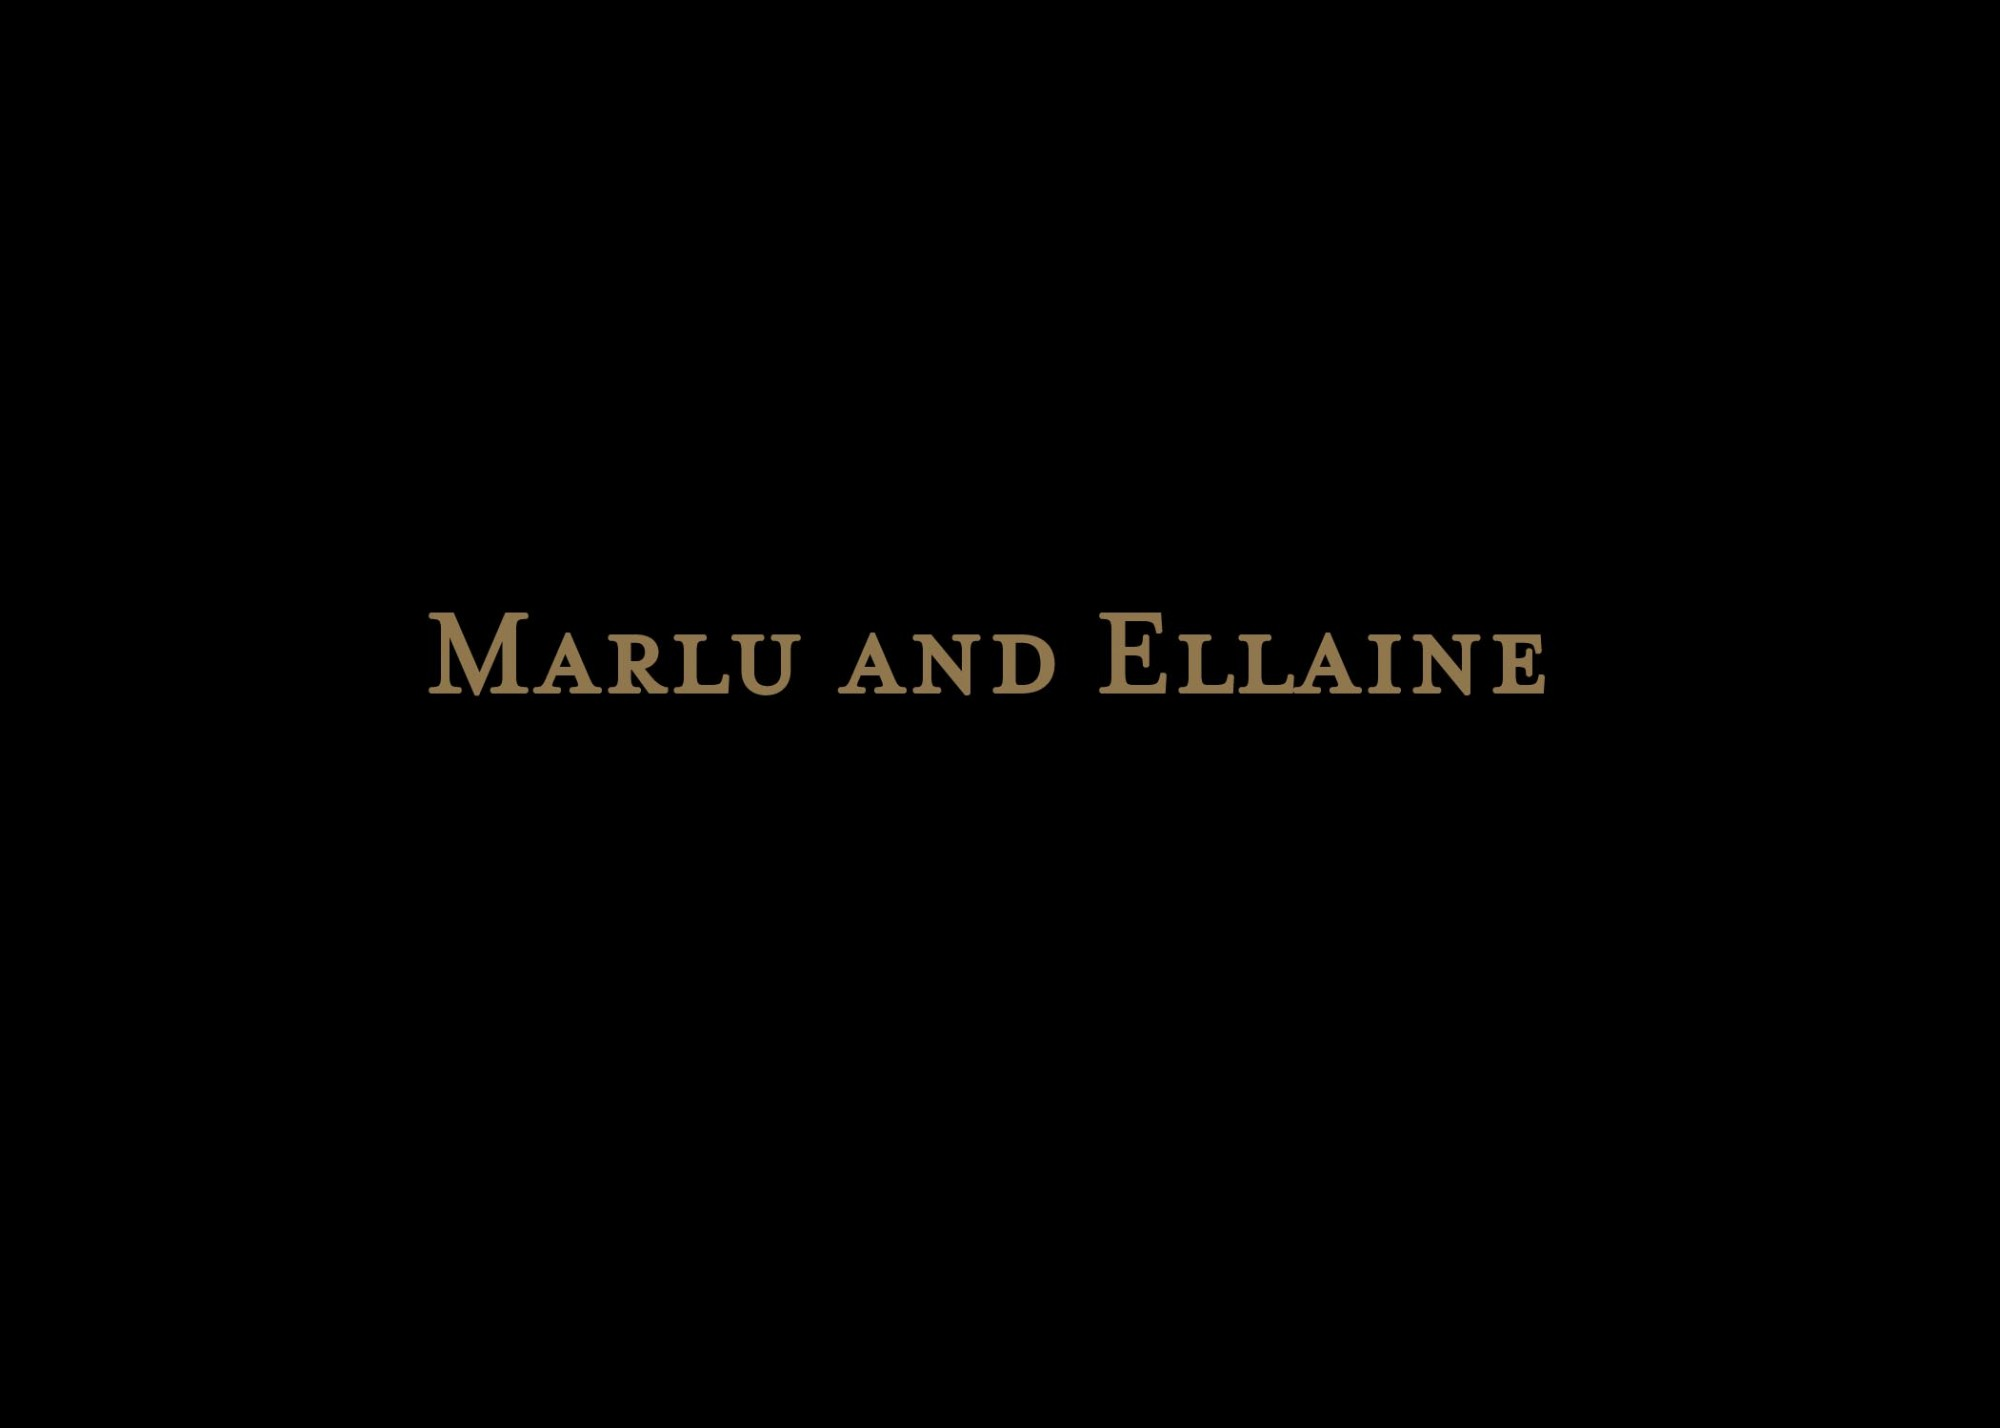 Marlu and Ellaine AVP